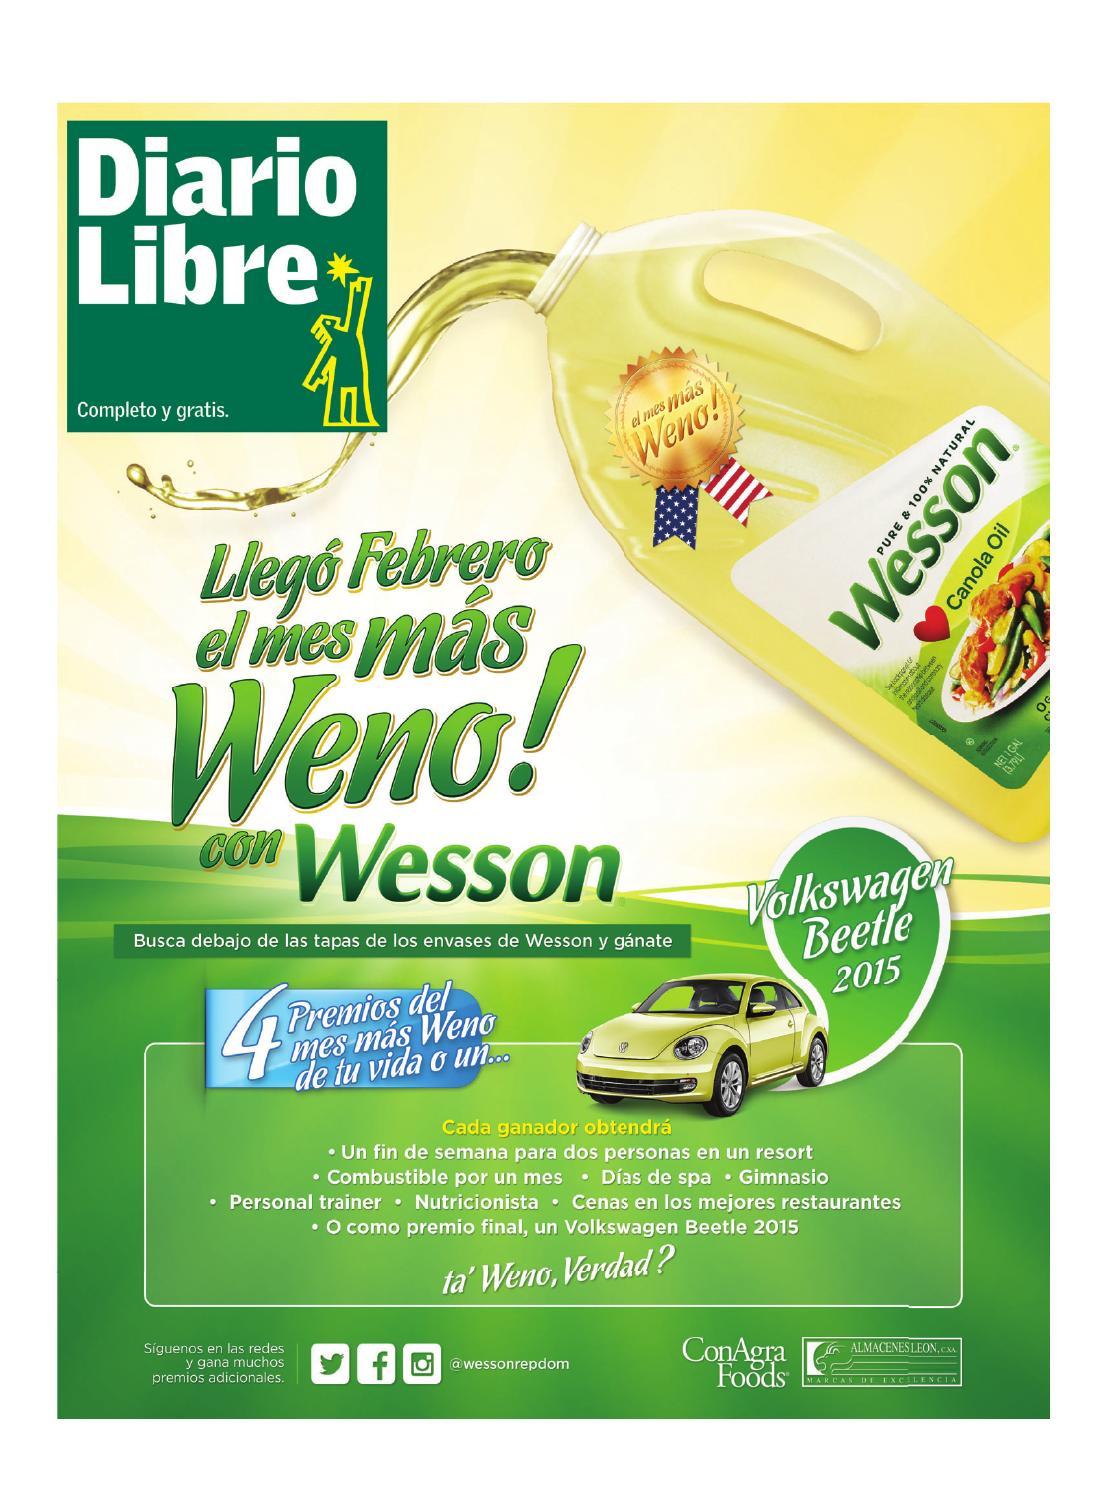 Diariolibre4166 by Grupo Diario Libre, S. A. - issuu